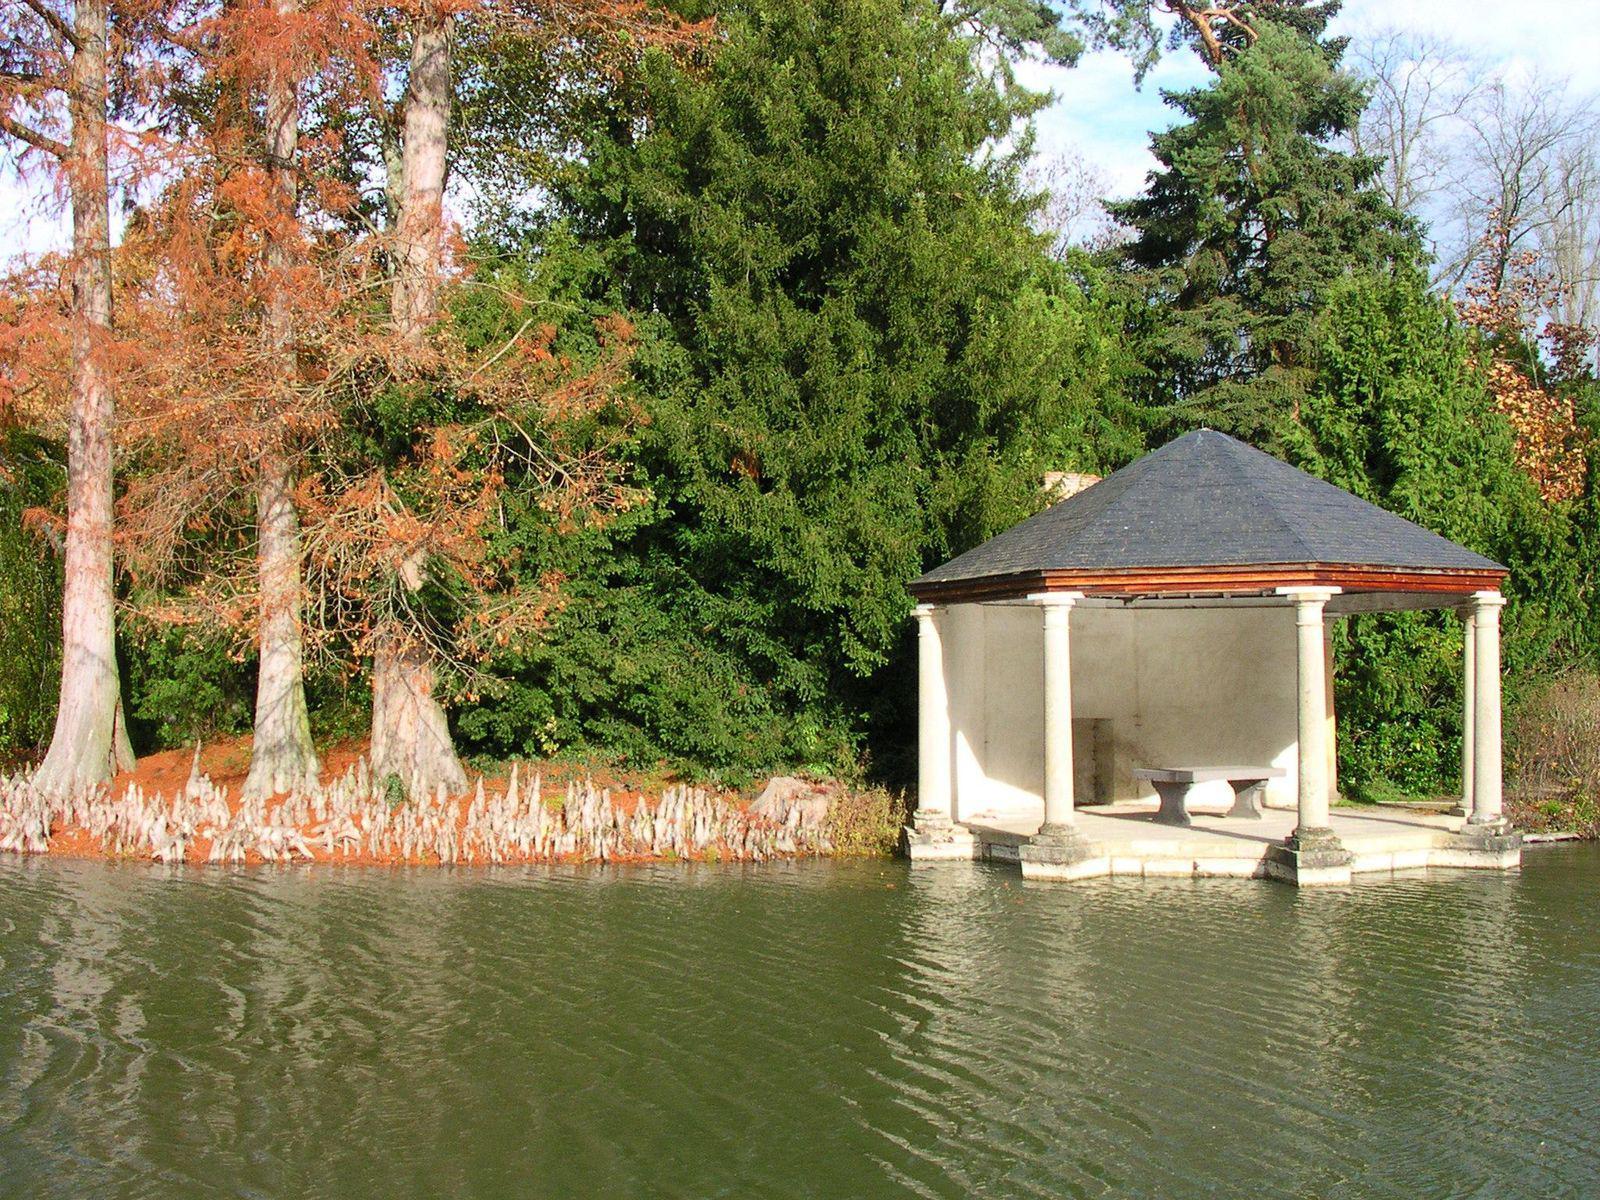 ARBORETUM DE BALAINE_Villeneuve-sur-Allier